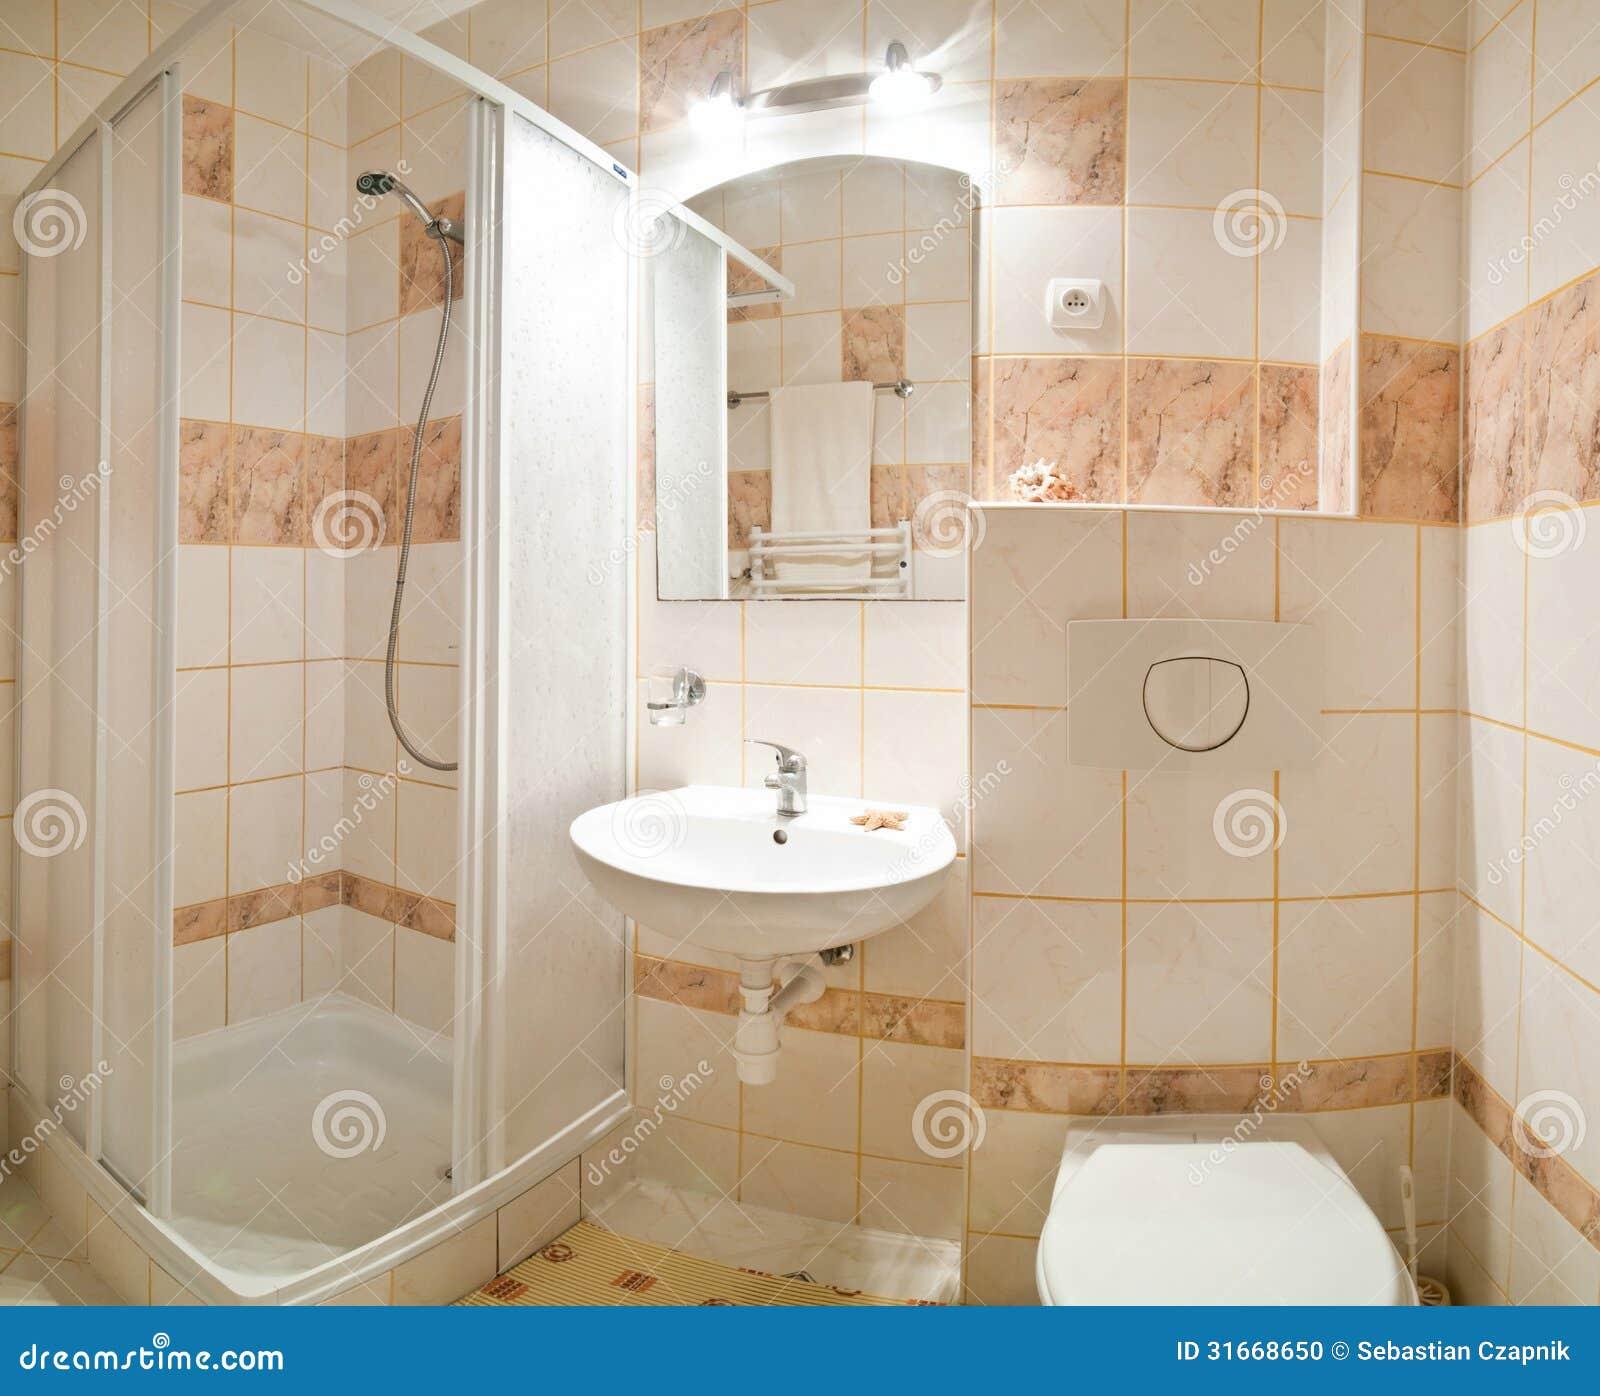 Bilder på badrum med våtrumsmatta ~ xellen.com